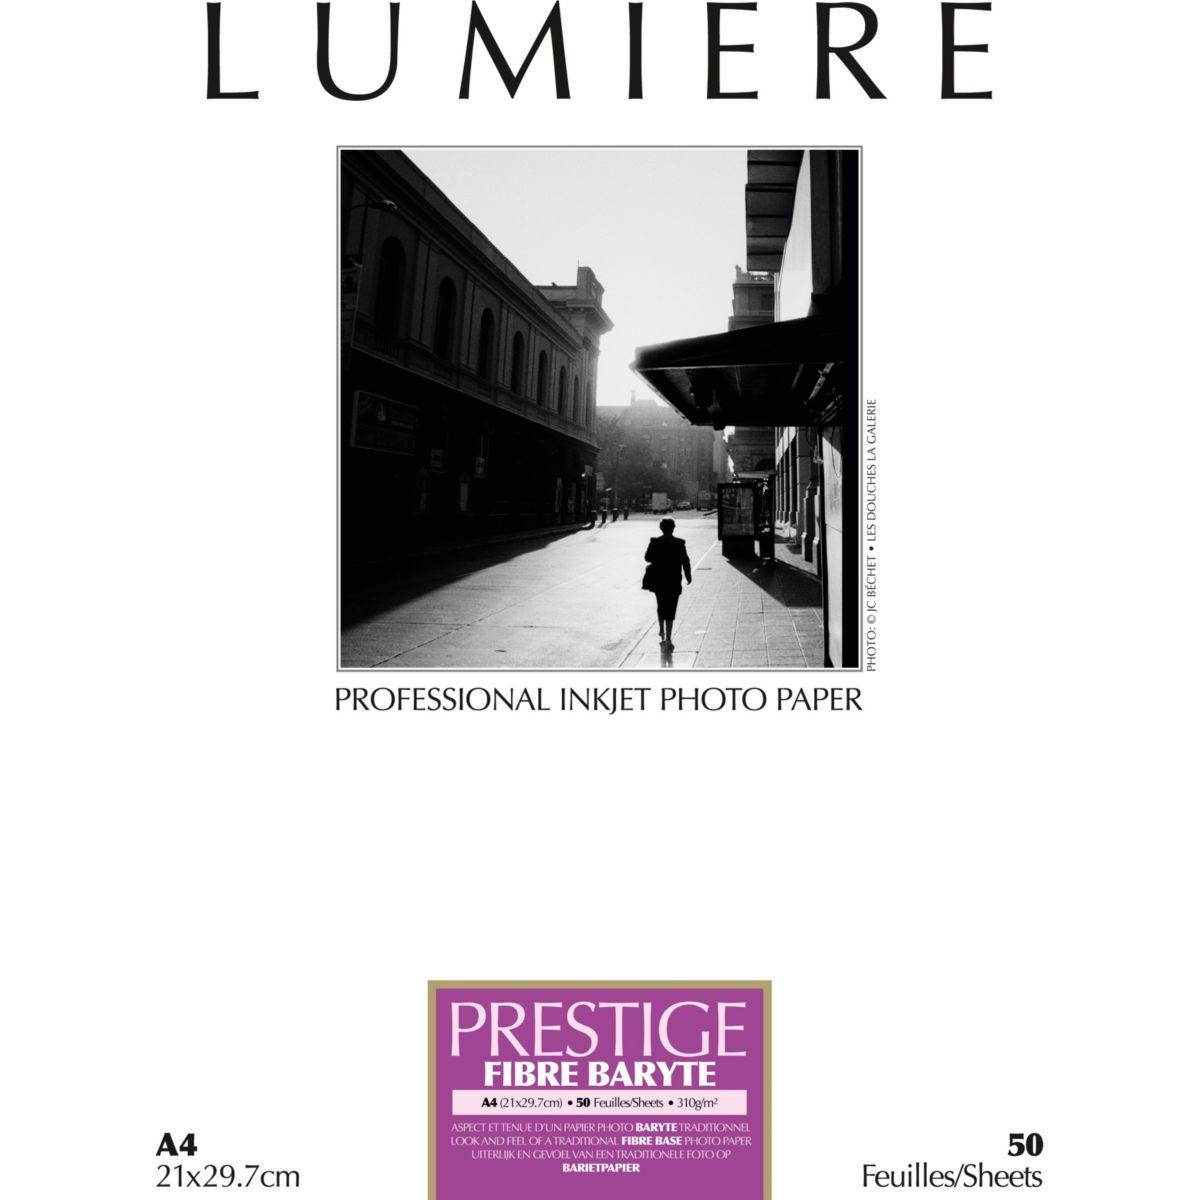 Papier photo LUMIERE Prestige Fibre Baryte 50f A4 310g